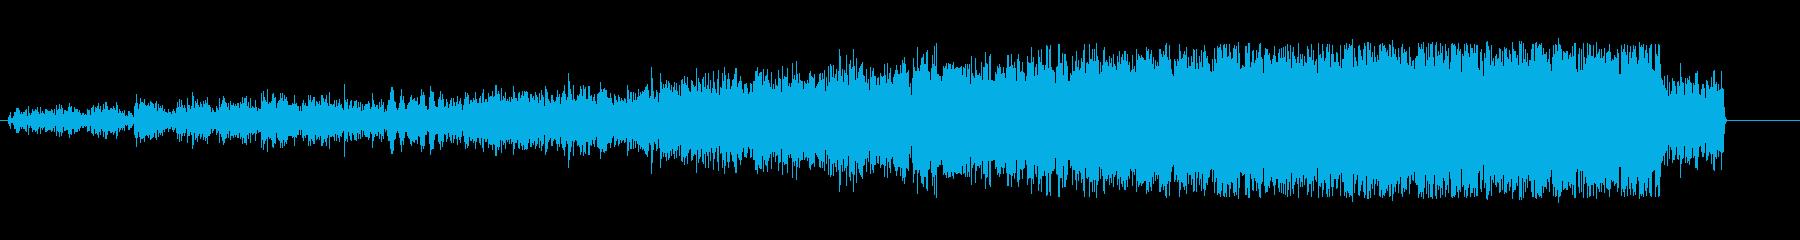 上昇 テープマシンノイズスピンアップ04の再生済みの波形